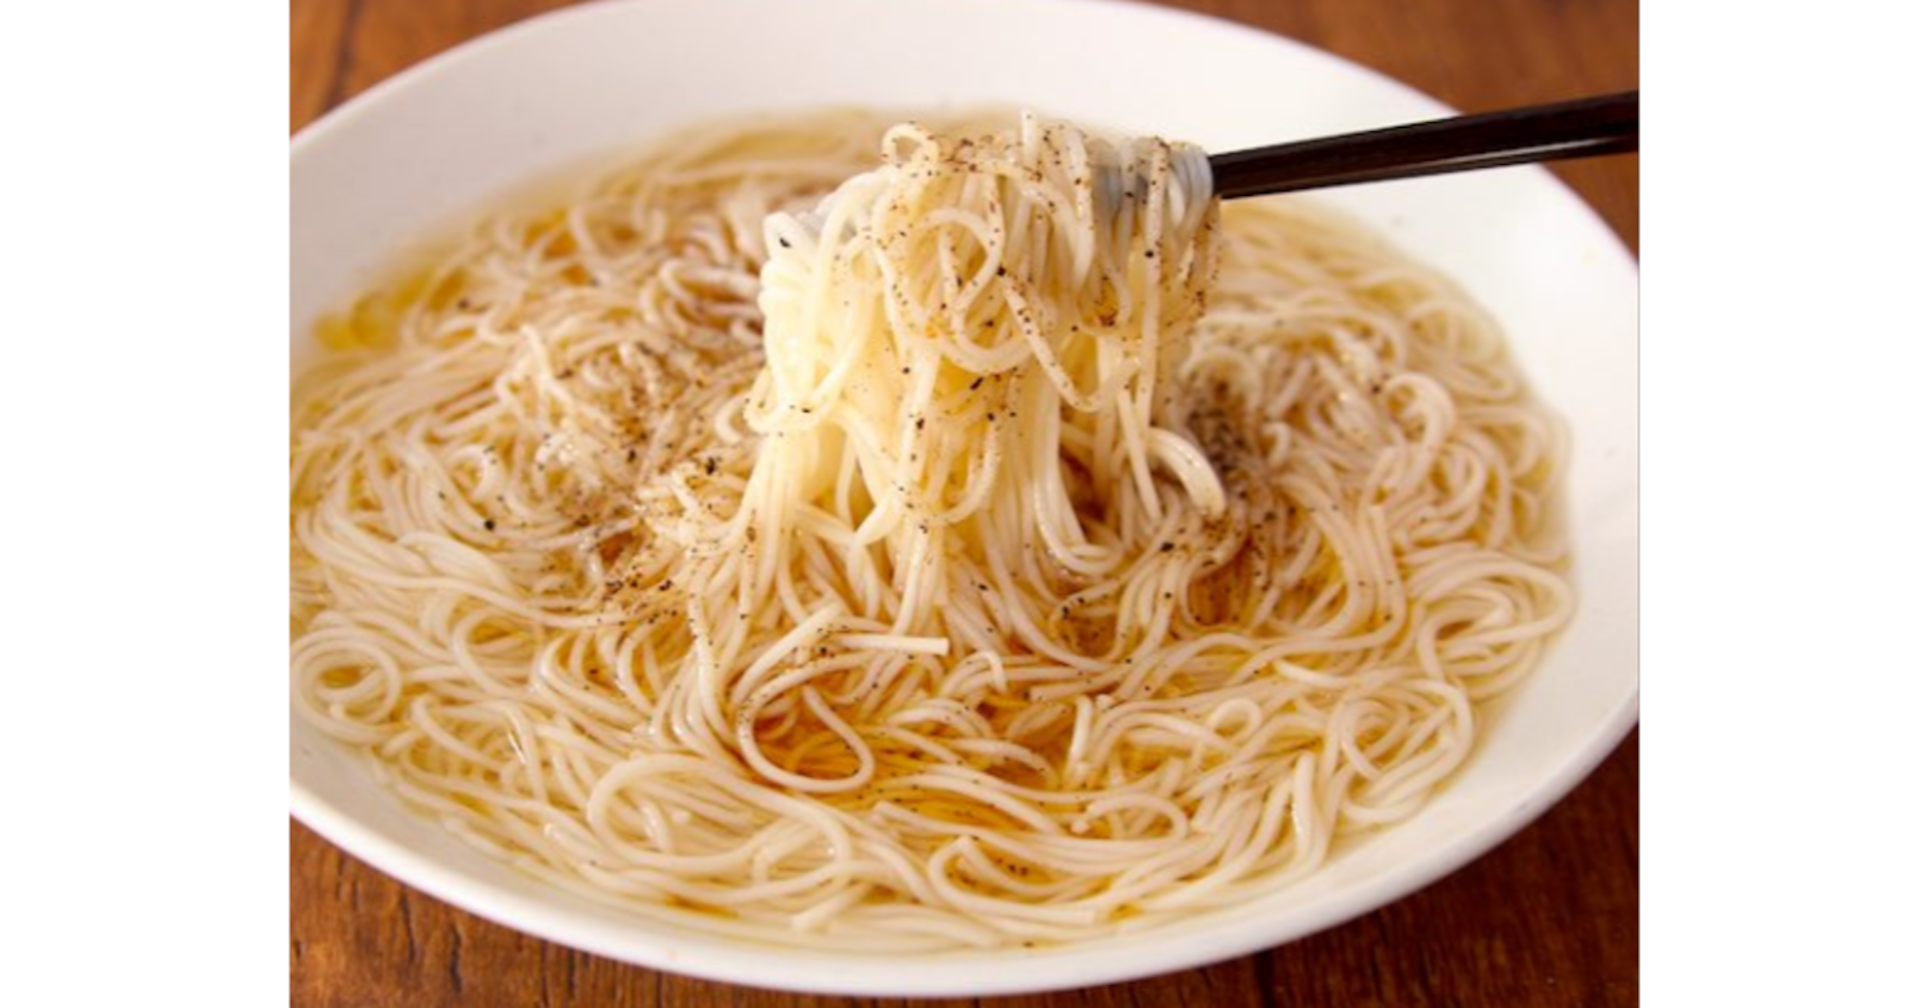 これからの季節にピッタリ!素麺で【塩ラーメン】が超簡単に作れちゃう♪「本当に塩ラーメンでした!」「コレは夏の素麺ローテに入れる!」と絶賛の嵐